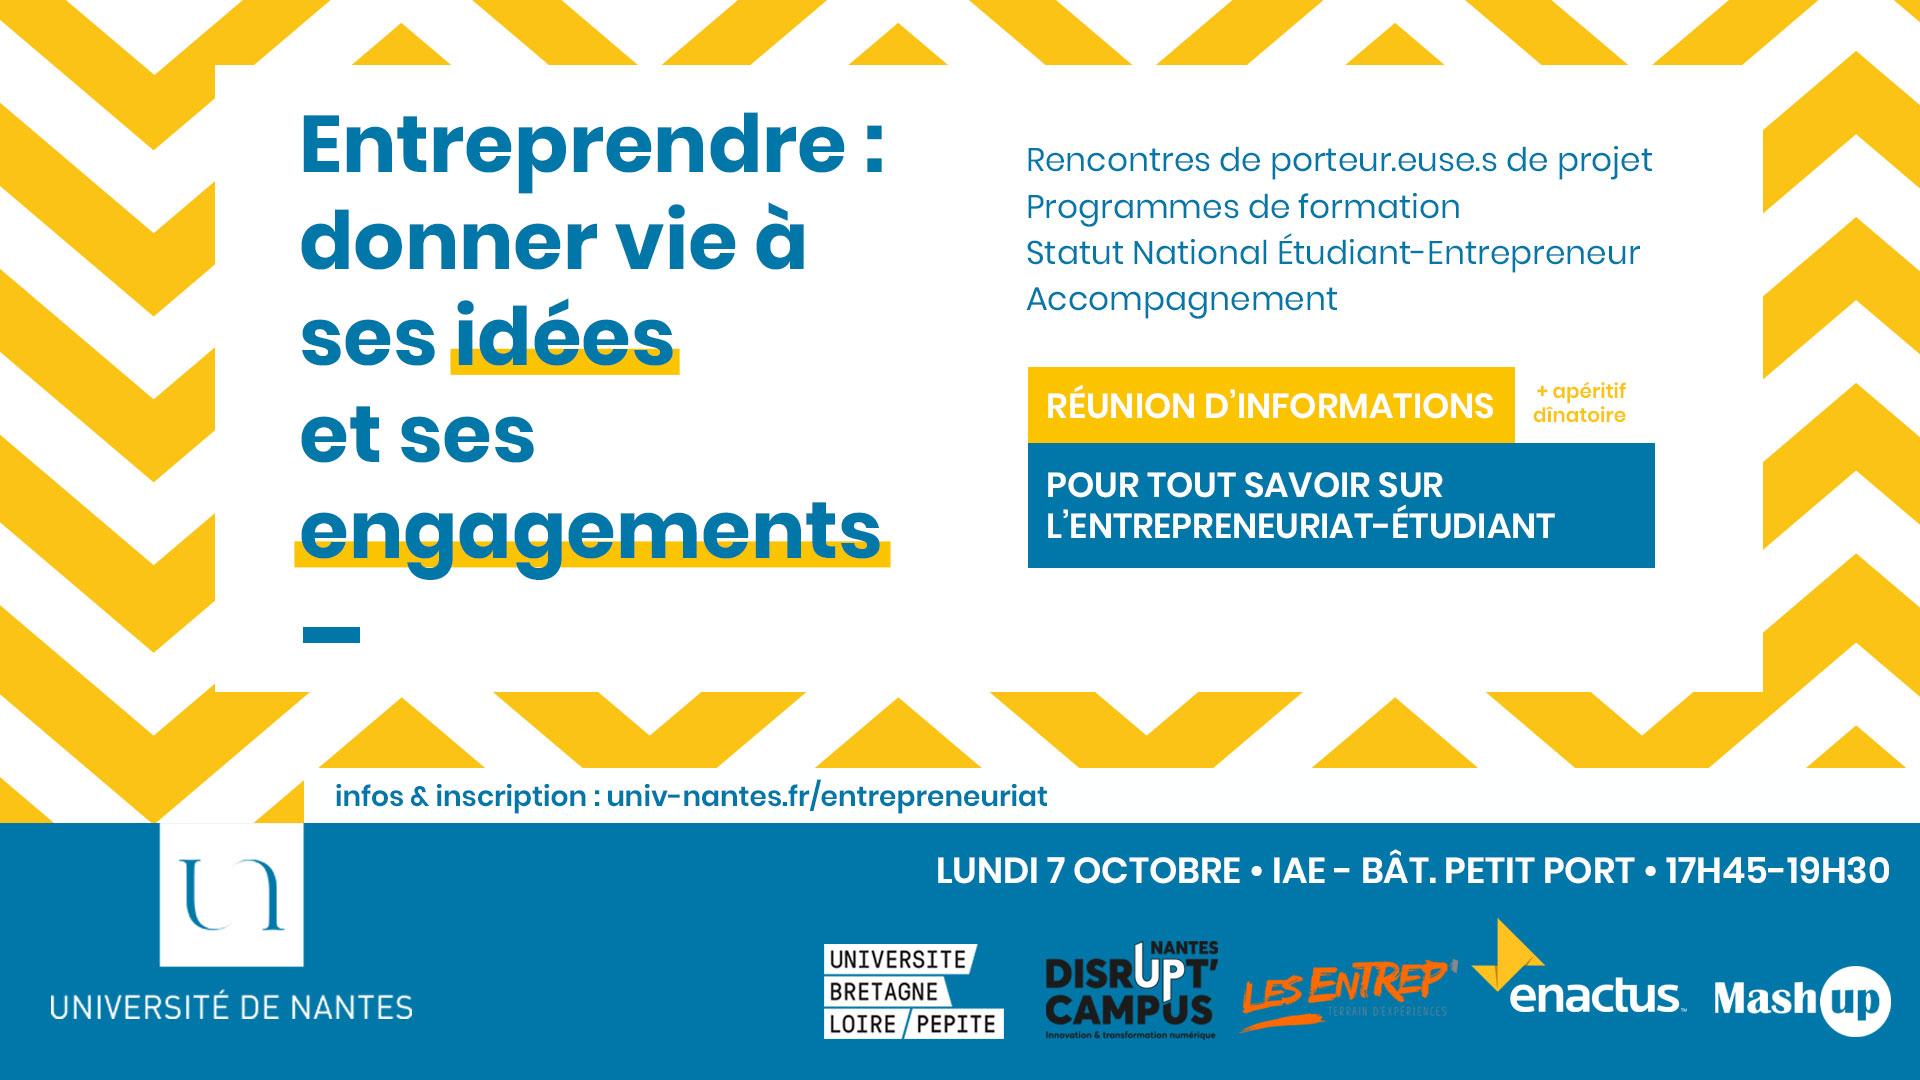 Réunion d'infos - entrepreneuriat étudiant